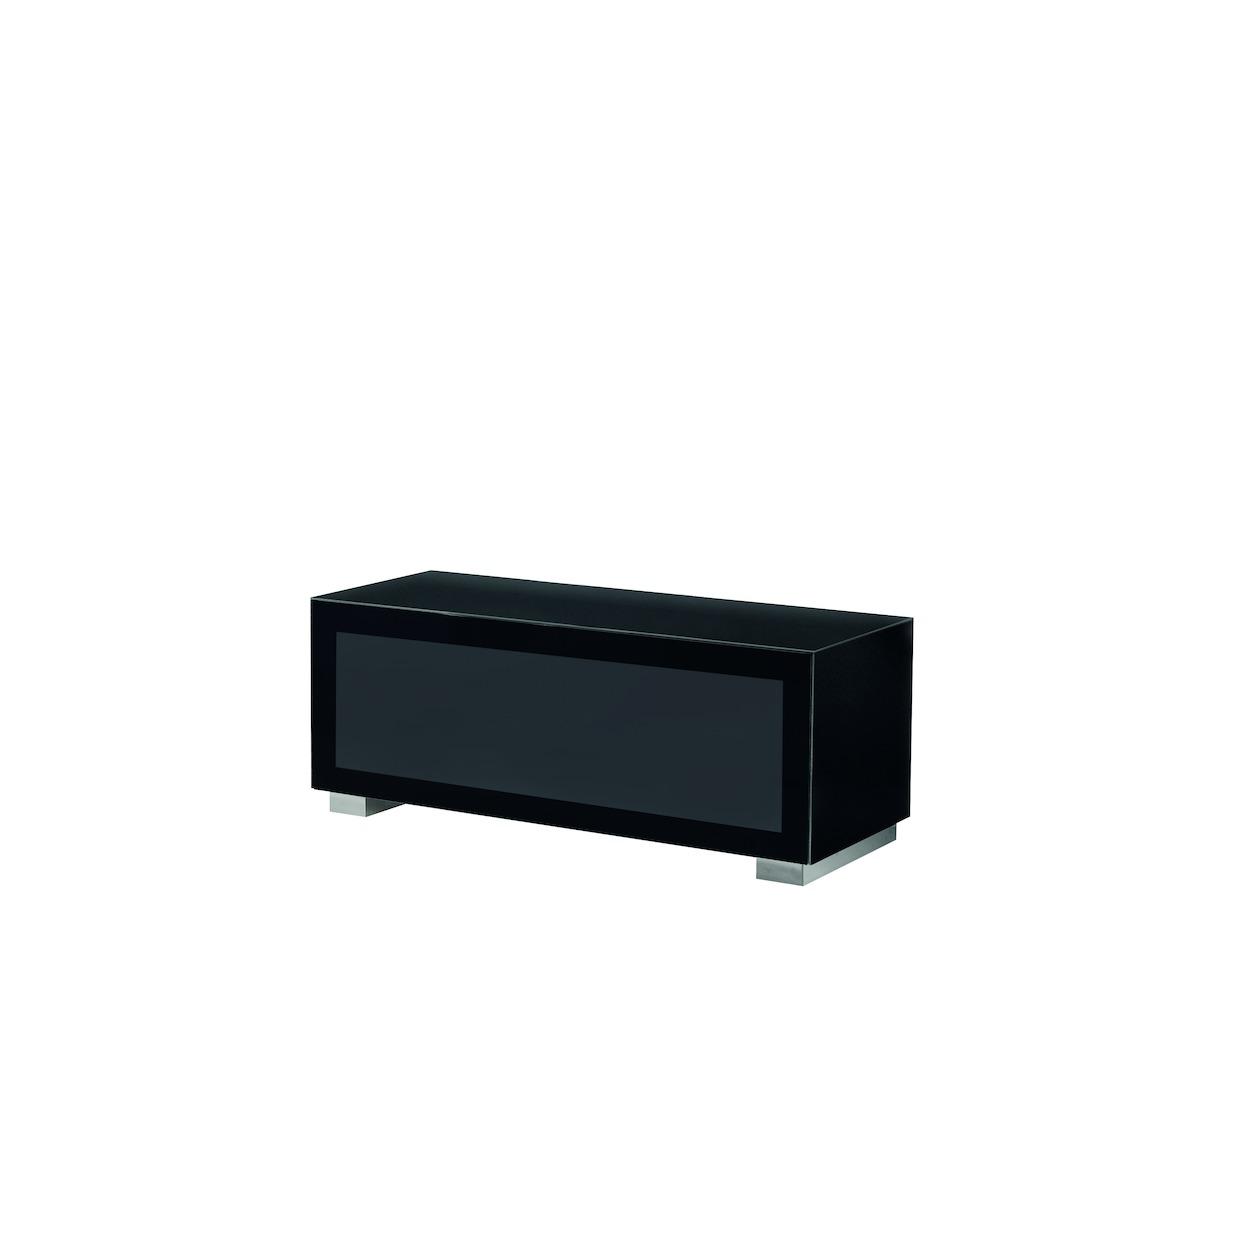 Afbeelding van Aldenkamp tv meubel MG125 NE NE zwart